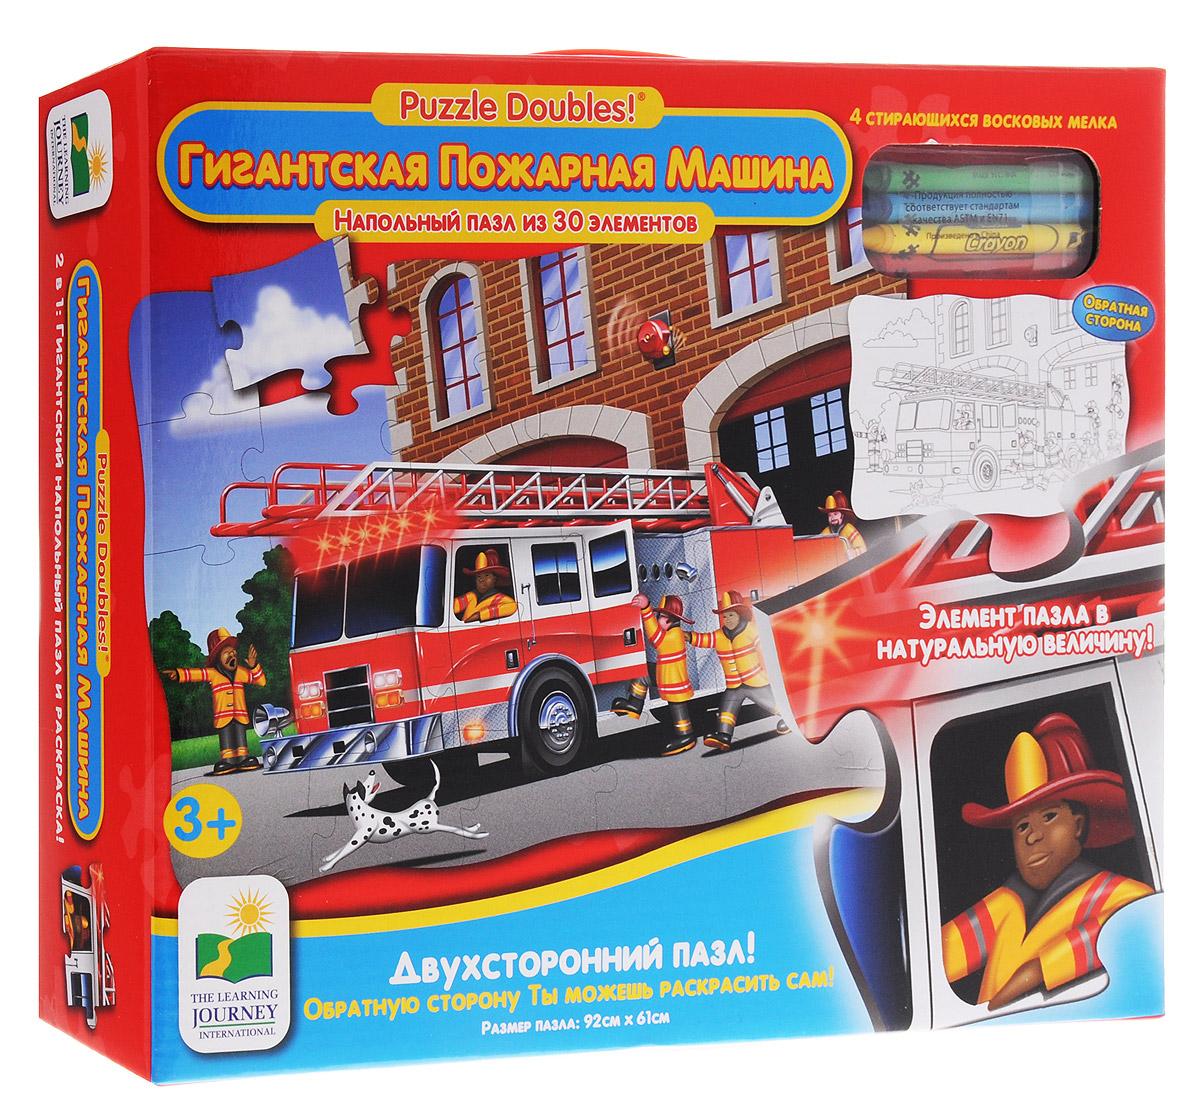 Learning Journey Пазл для малышей Гигантская пожарная машина699546Двухсторонний пазл для малышей Learning Journey Гигантская пожарная машина - замечательный развивающий подарок вашему малышу! Яркий, красочный пазл позволит малышу самостоятельно составить картинку. Собрав этот пазл, включающий в себя 30 элементов, вы получите картинку с изображением большой пожарной машины. Обратную сторону ребенок сможет раскрасить сам, для этого в набор входят 4 стирающихся восковых мелка. Пазл научит ребенка усидчивости, умению доводить начатое дело до конца, поможет развить внимание, память, образное и логическое мышления, сенсорно-моторную координацию движения рук. Крупная и яркая форма собираемых элементов картинки способствуют развитию мелкой моторики, которая напрямую влияет на развитие речи и интеллектуальных способностей. В дальнейшем хорошая координация движений рук поможет ребенку легко овладеть письмом.